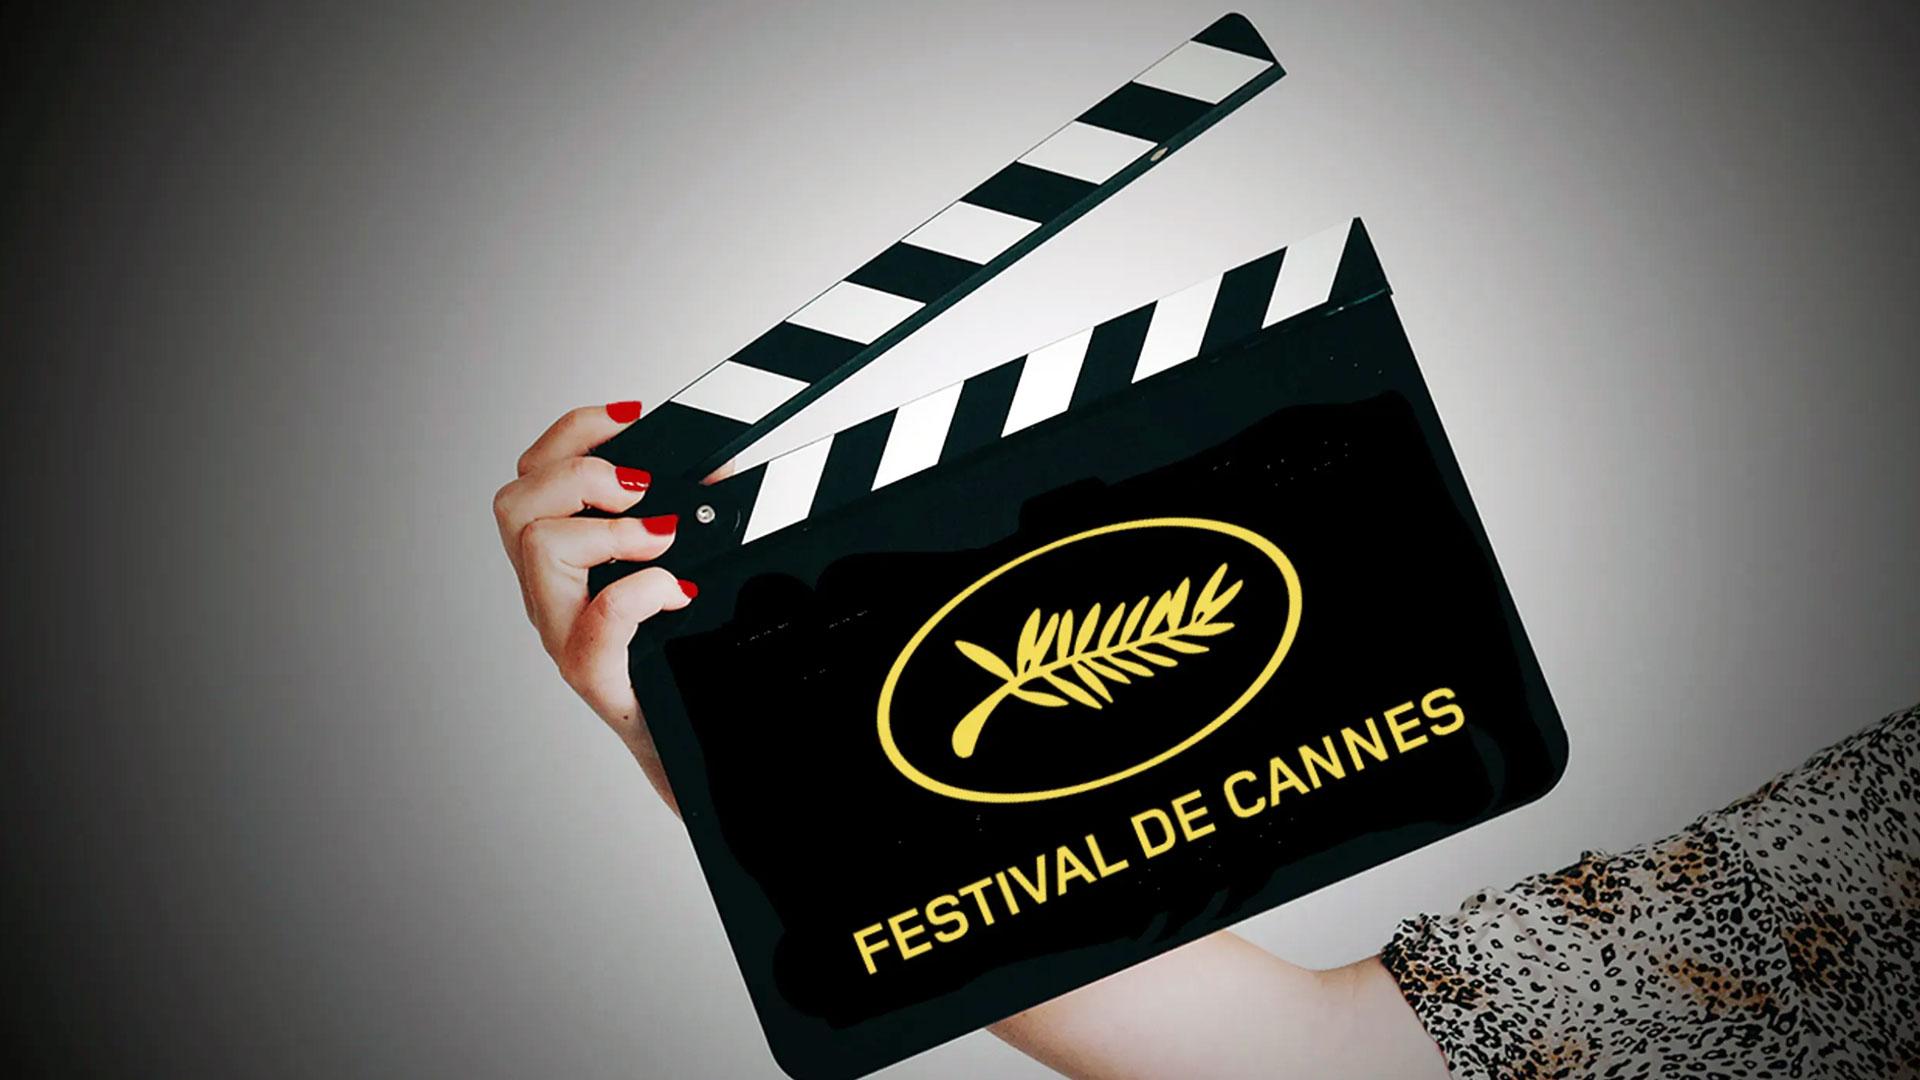 همه چیز درباره ۲۴ فیلم بخش مسابقه اصلی هفتاد و چهارمین جشنواره کن